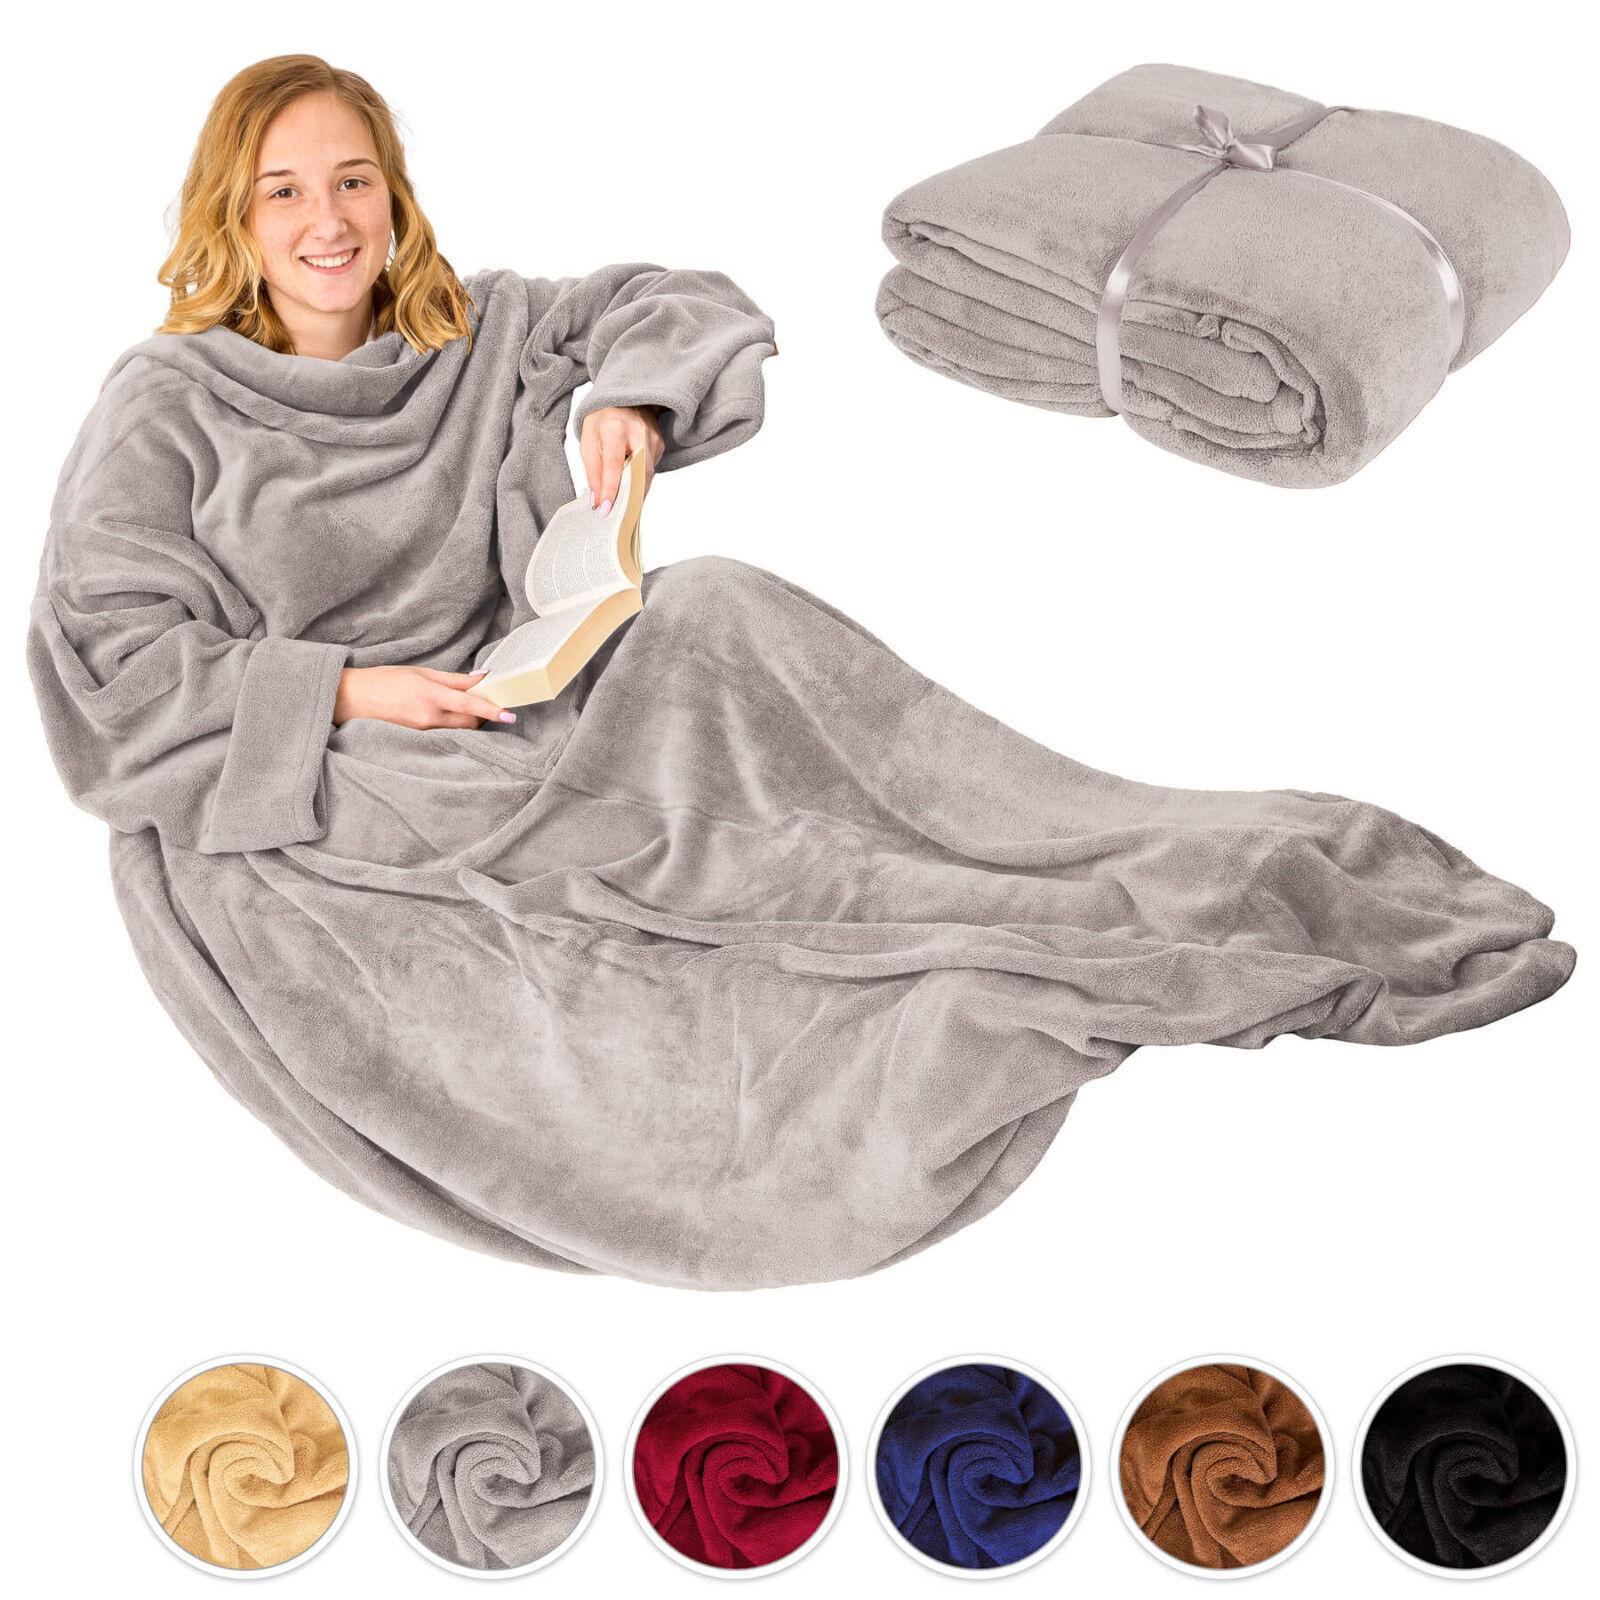 Coperta con tasche le maniche soffice dormire divano copriletto tasca del mobile